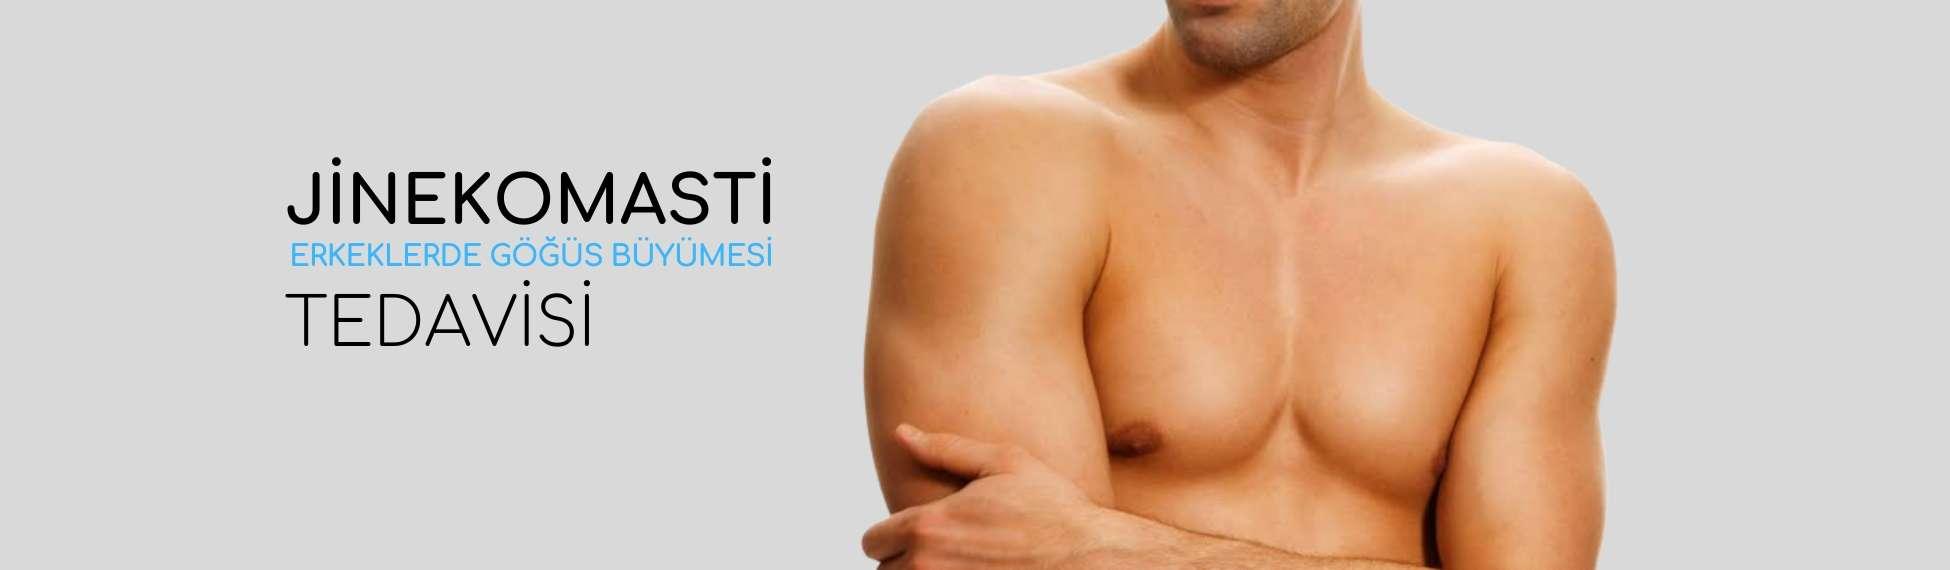 jinekomasti erkeklerde göğüs büyümesi tedavisi